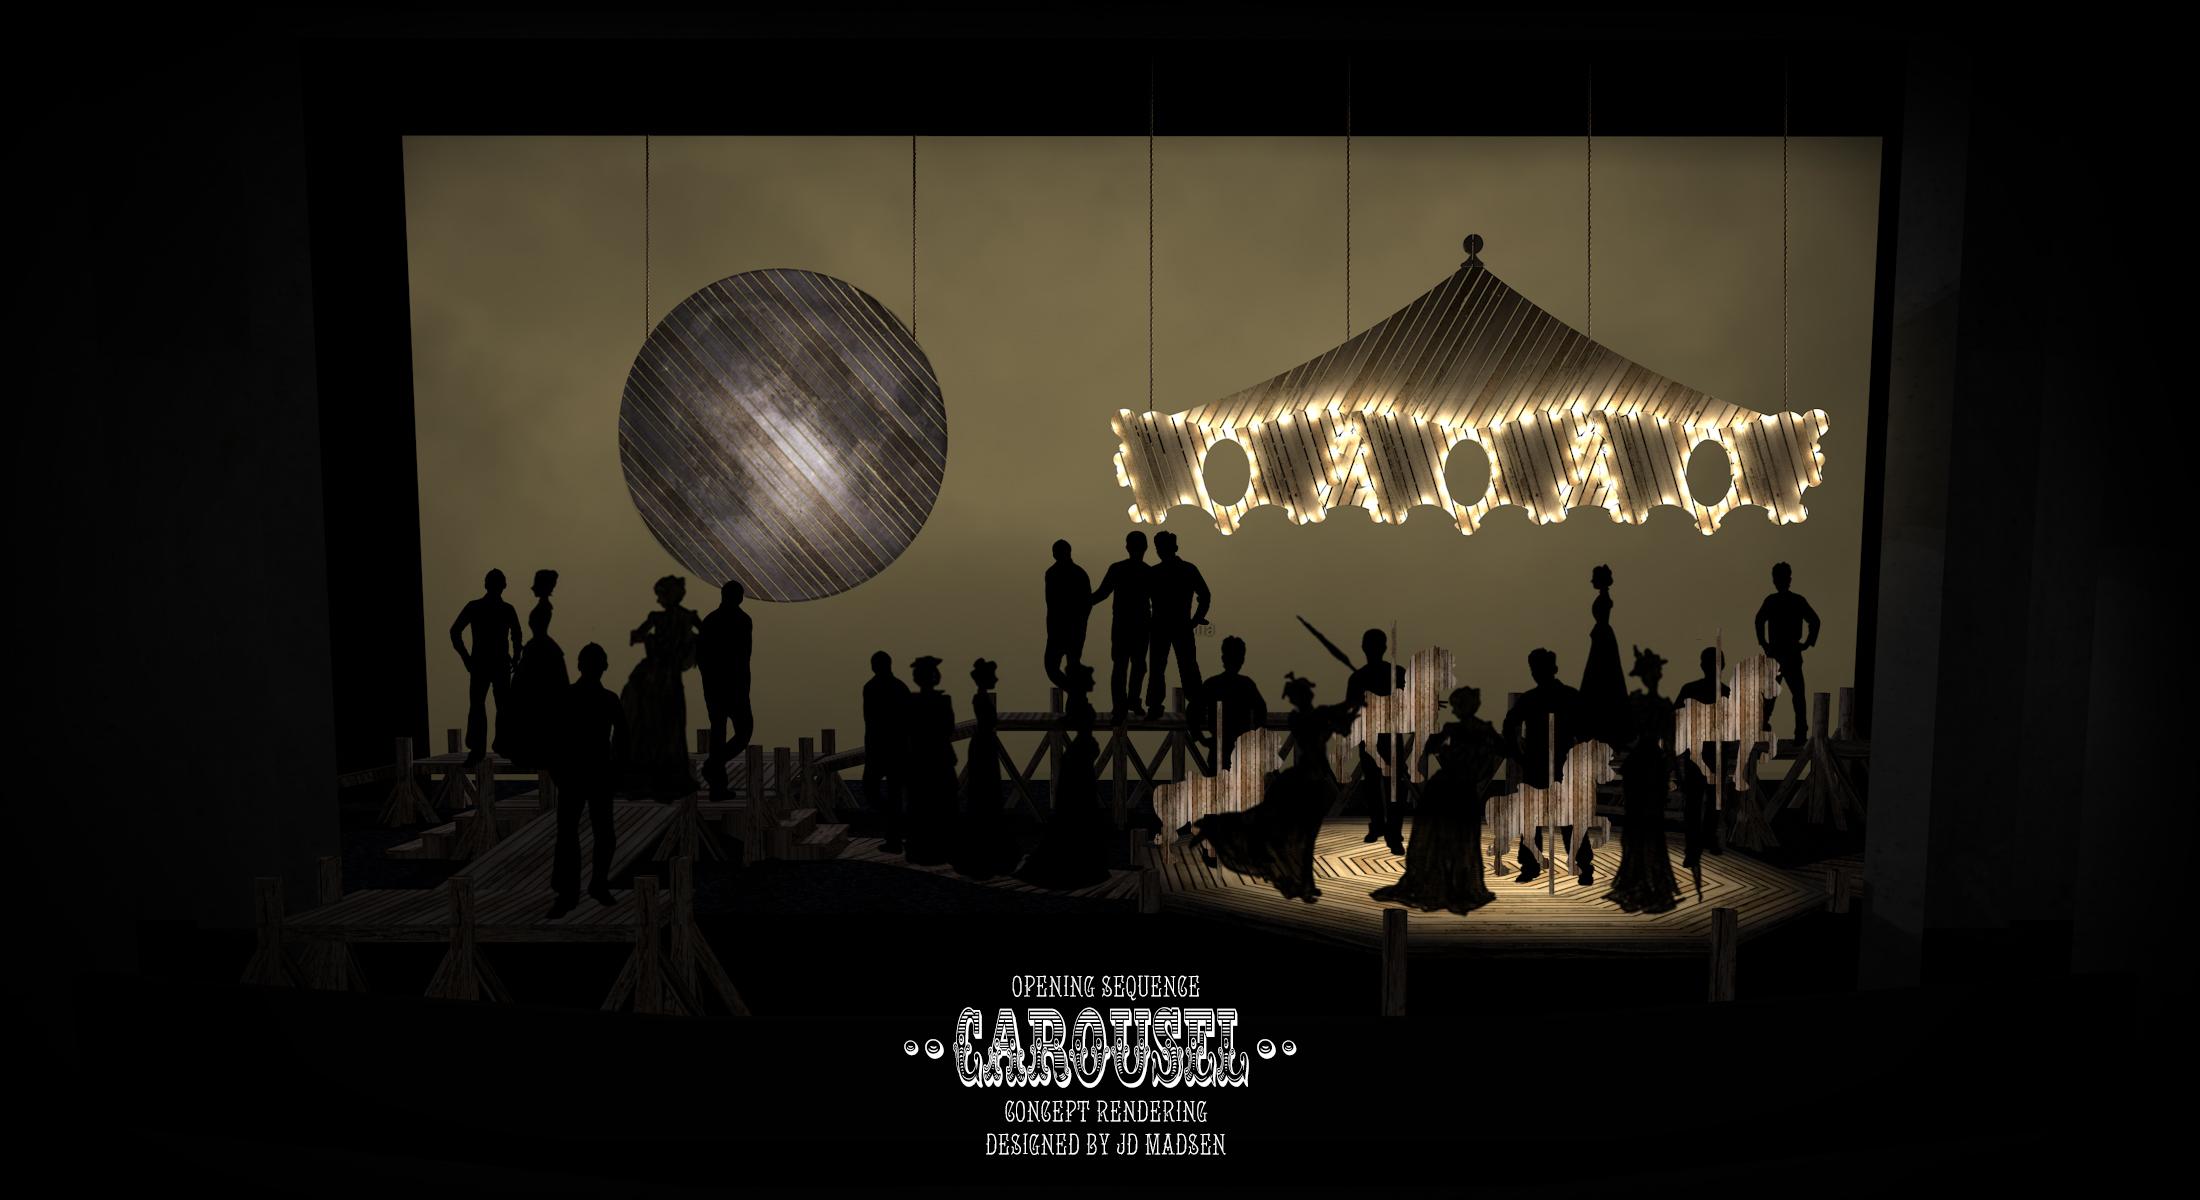 carousel+opening